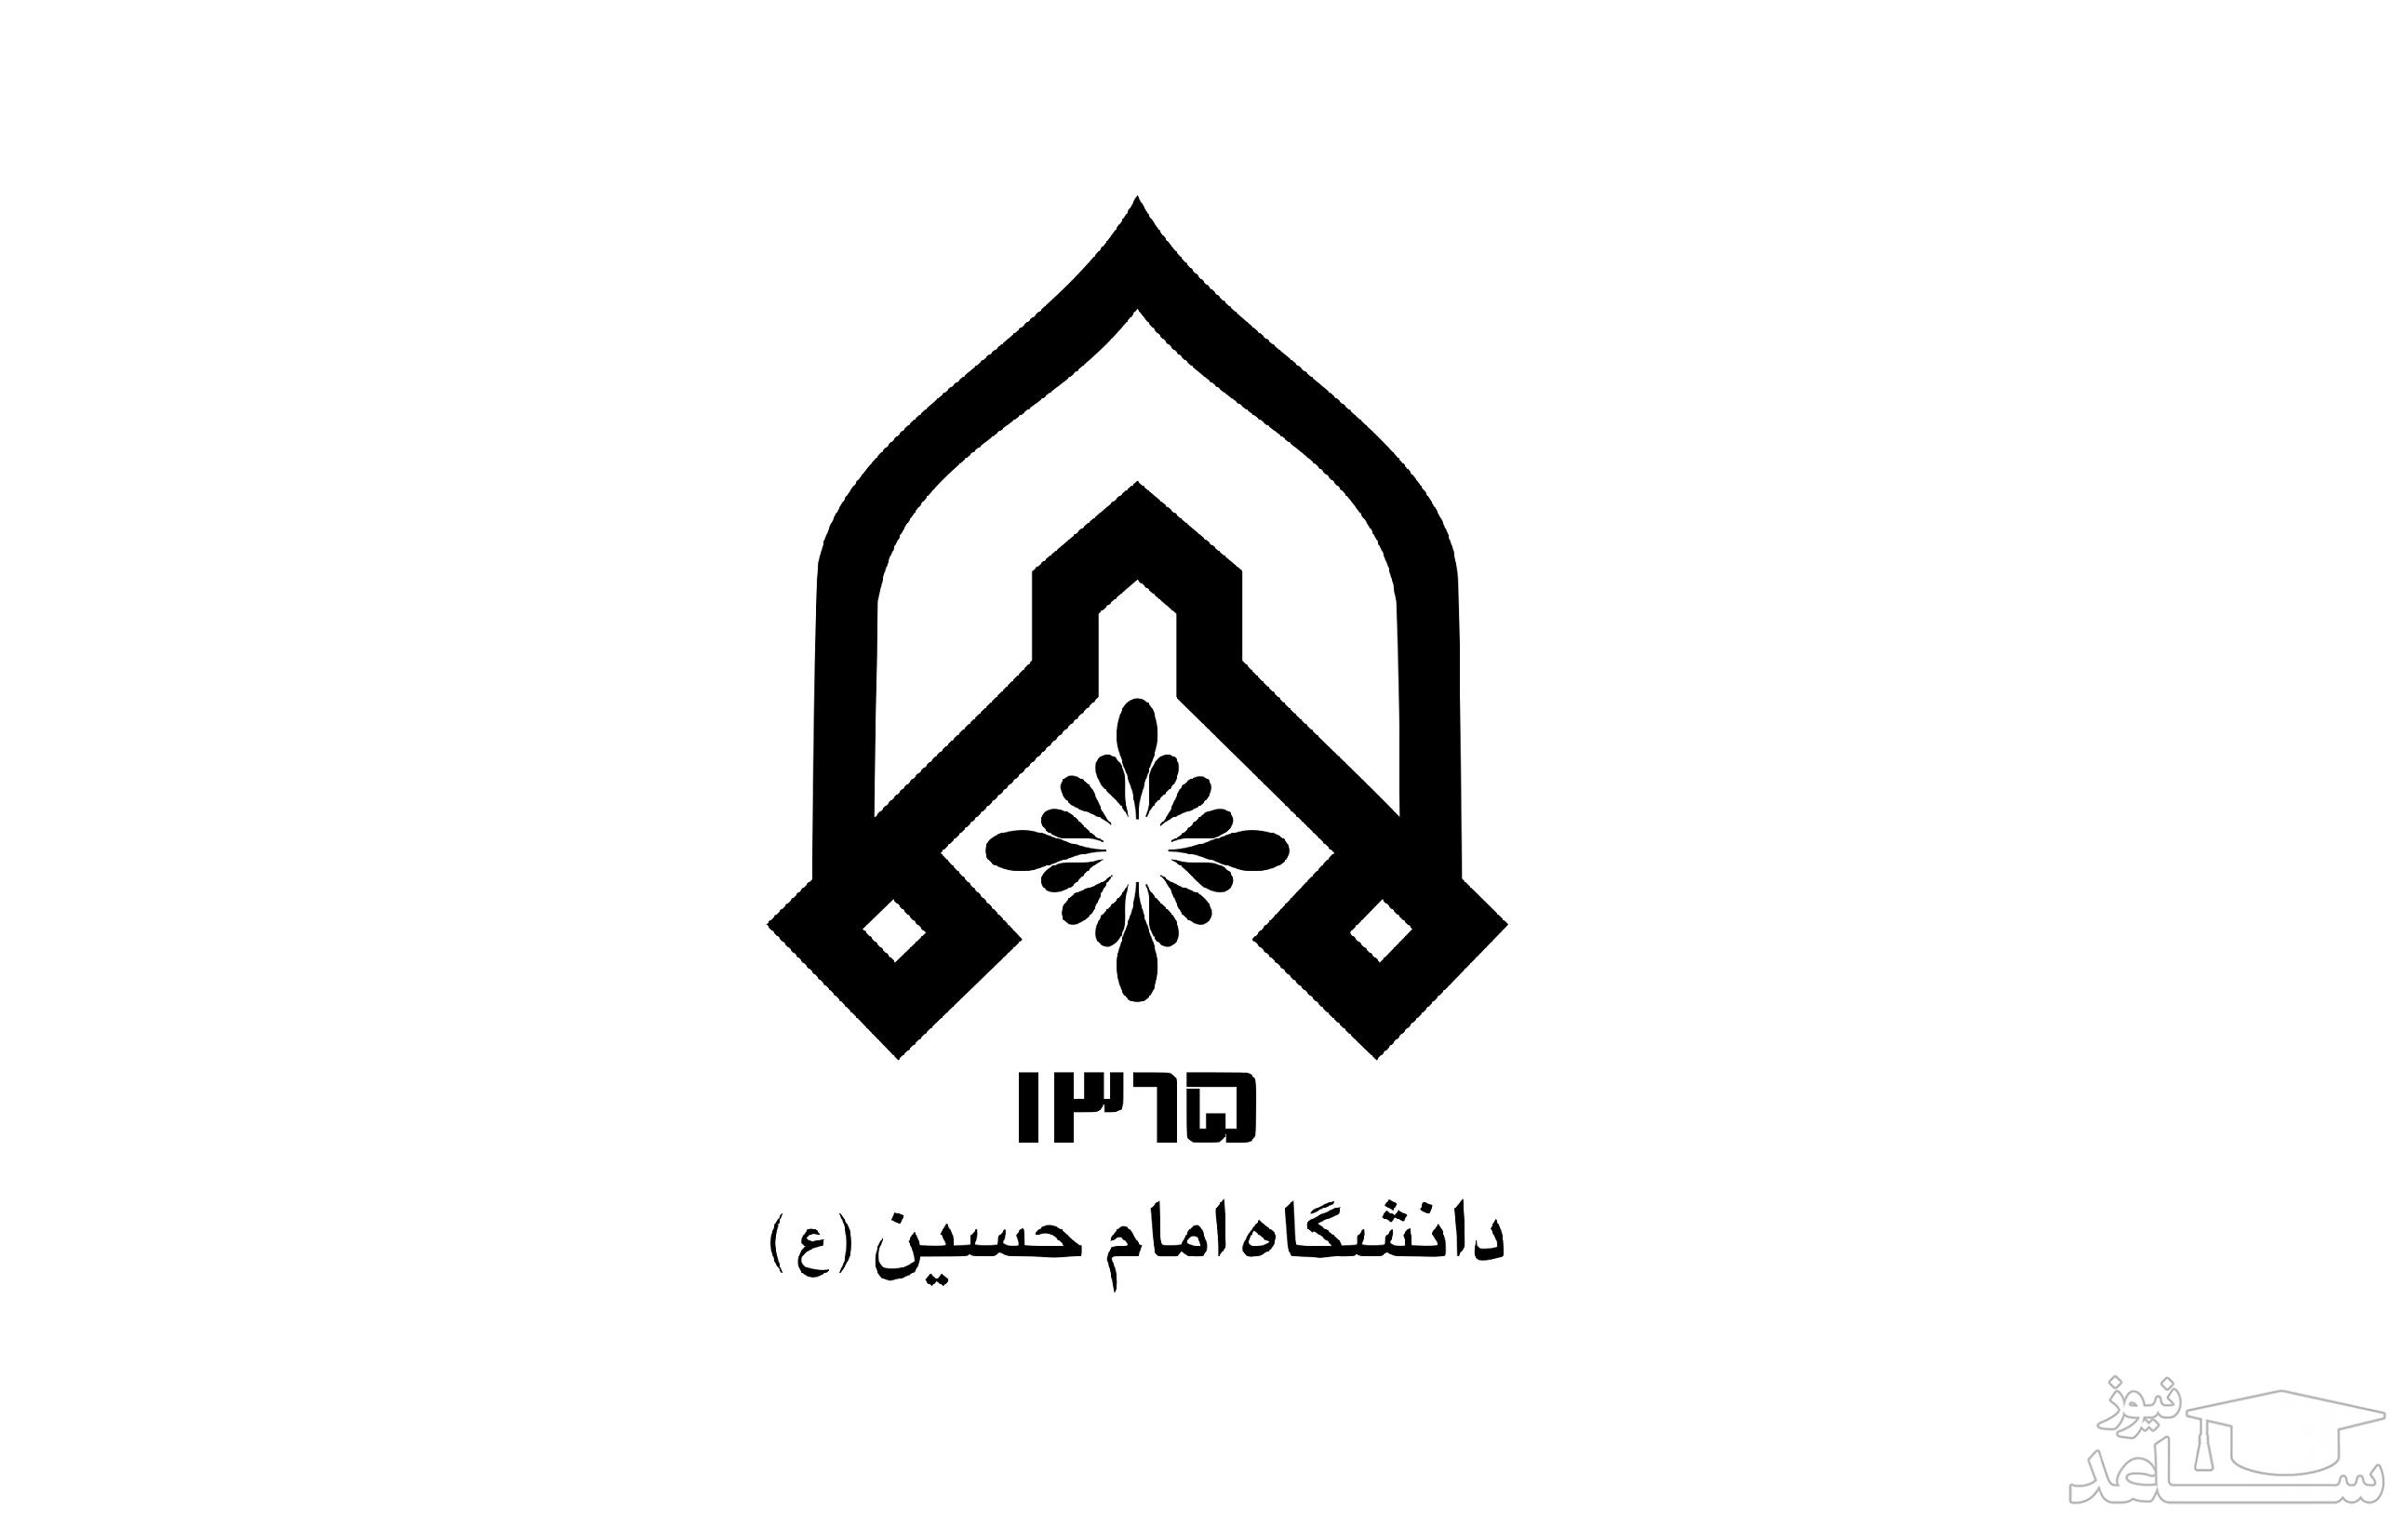 شرایط ثبت نام در دانشگاه امام حسین 97-98